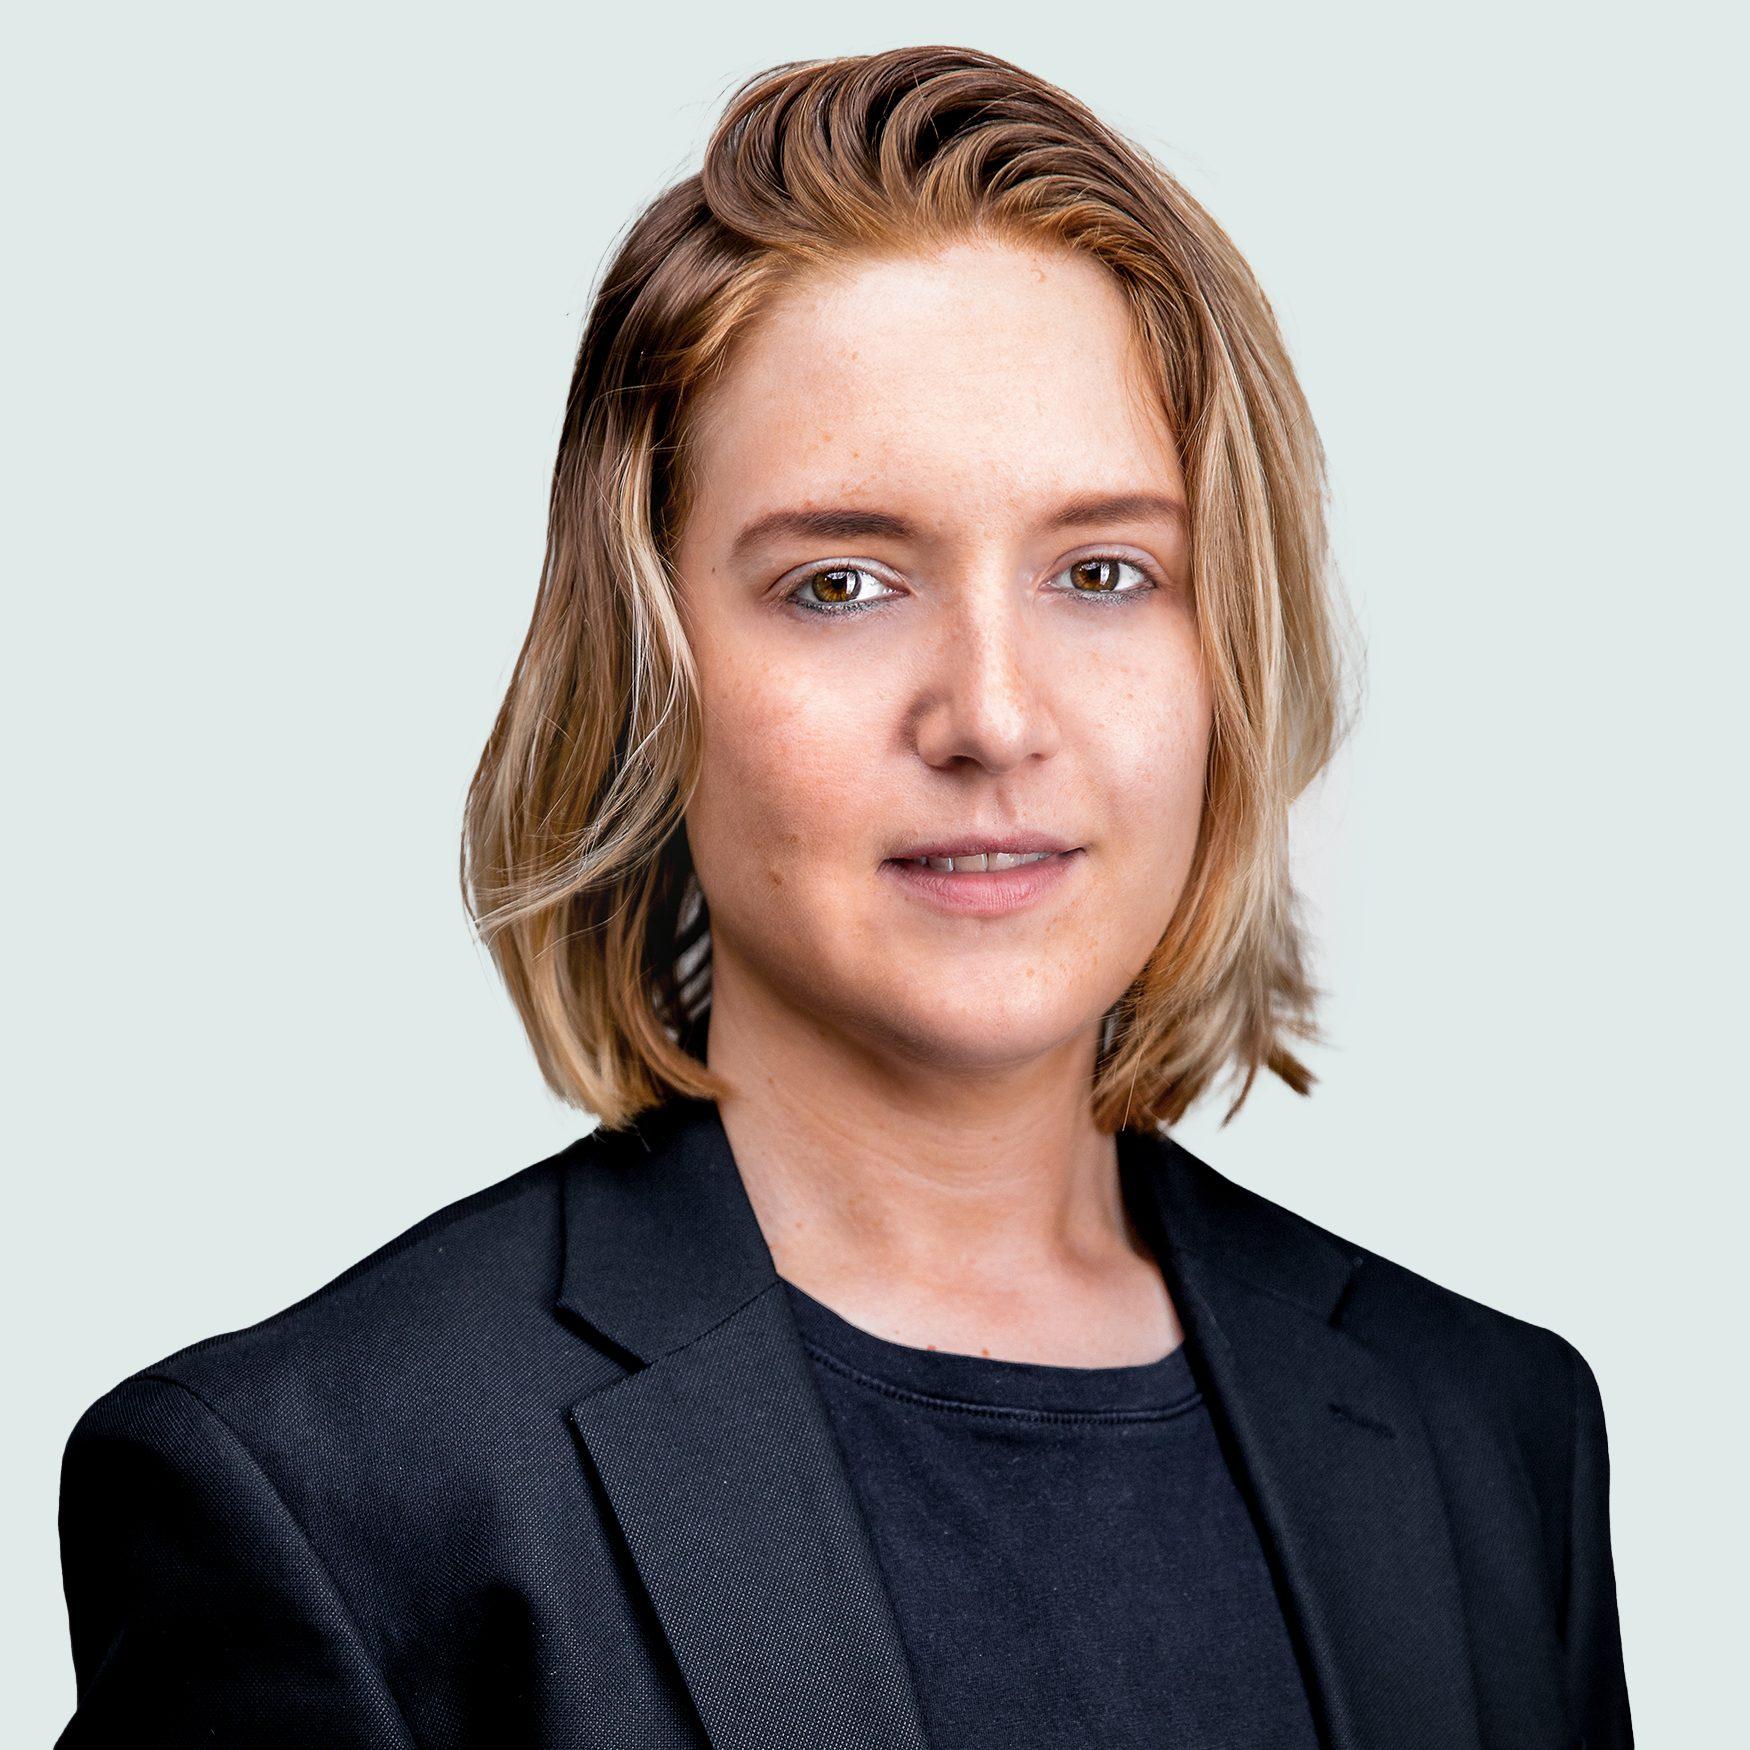 Hortensia Hurst